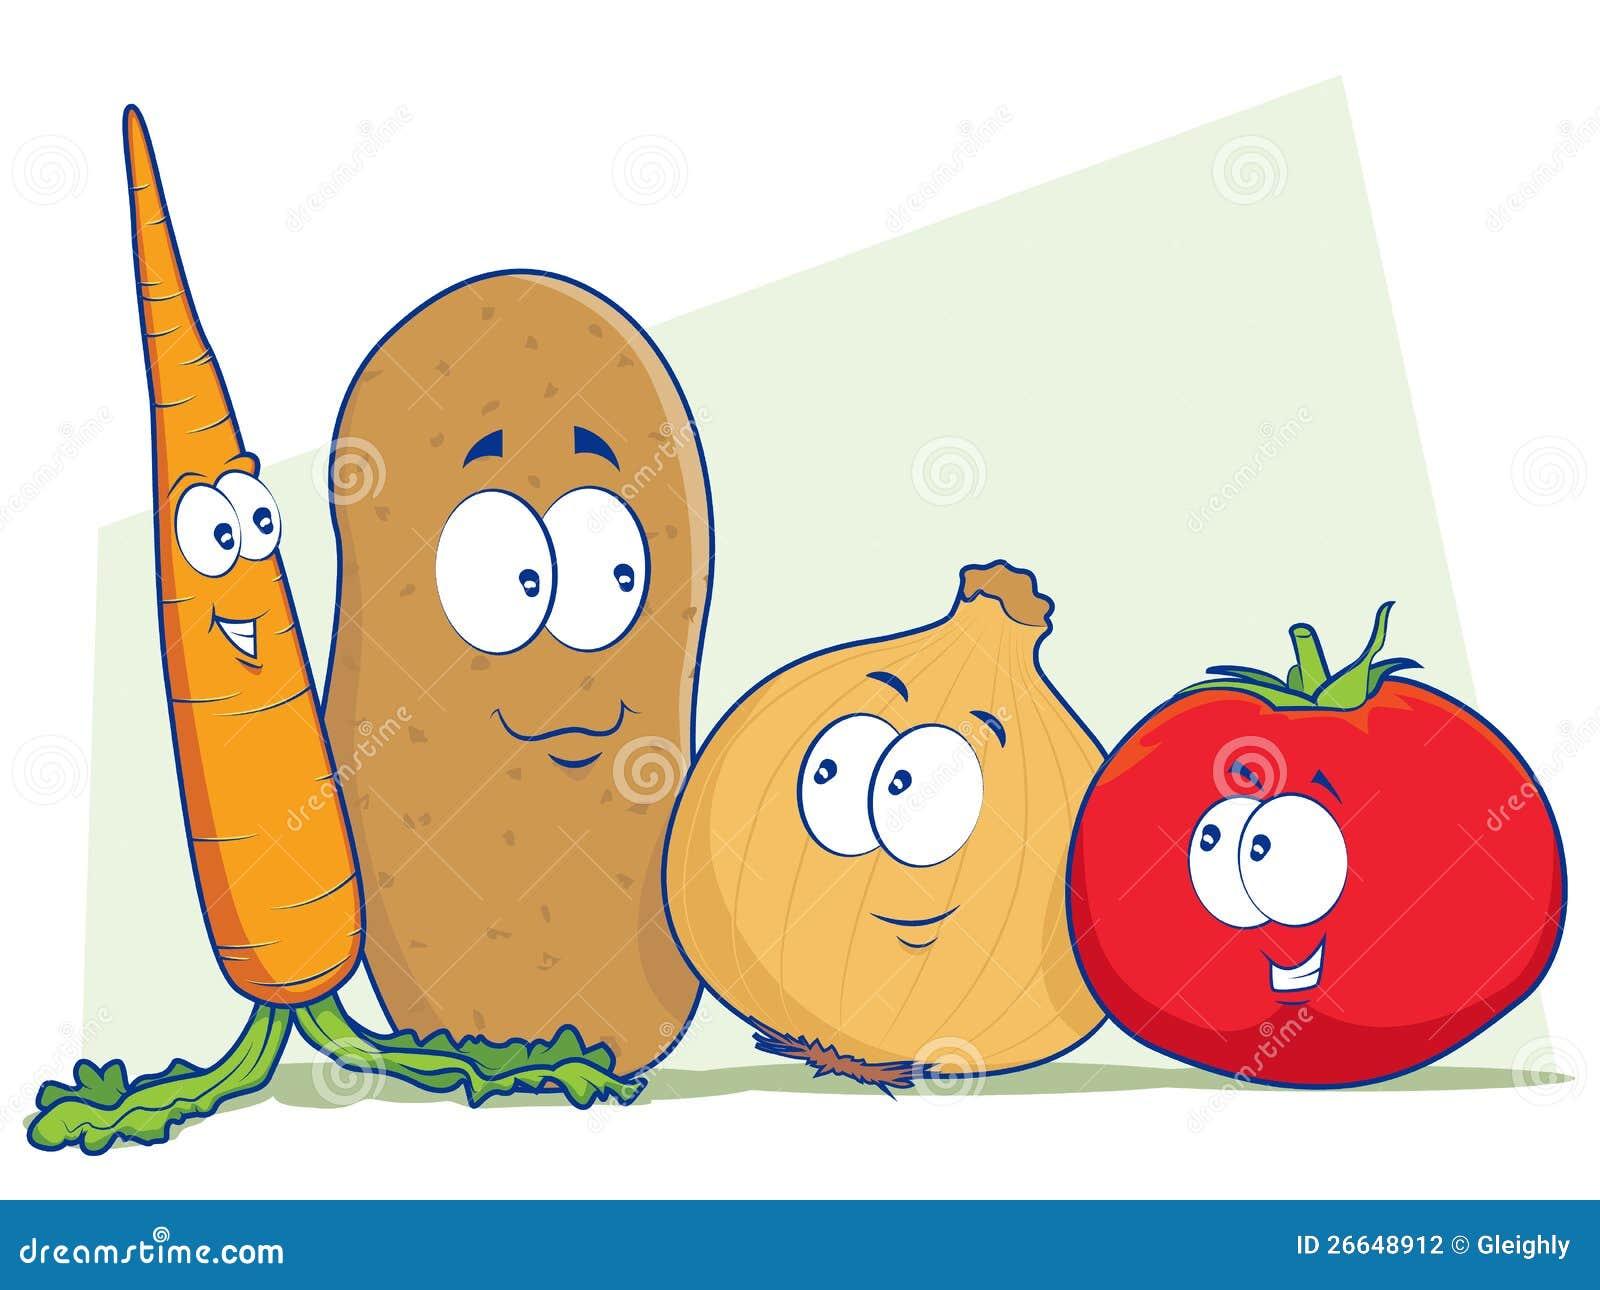 Personajes De Dibujos Animados Vegetales Ilustración Del